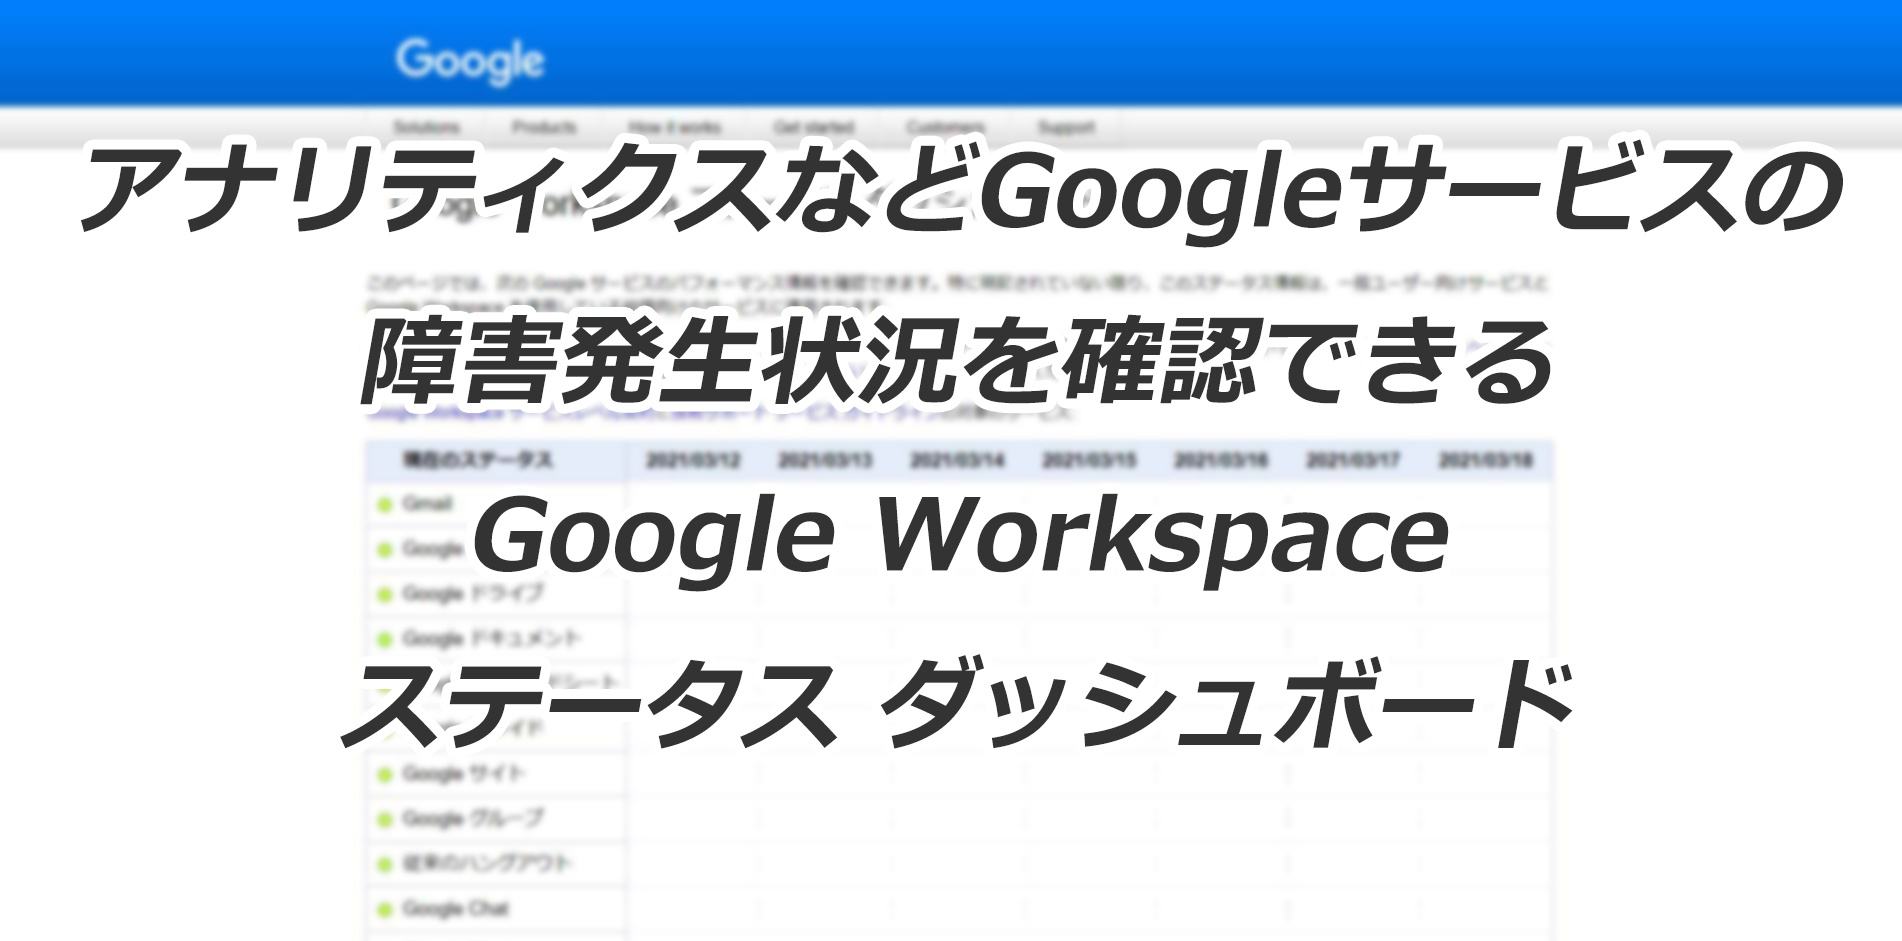 アナリティクスを含むGoogleサービスの障害発生状況を確認できるGoogle Workspaceステータス ダッシュボード